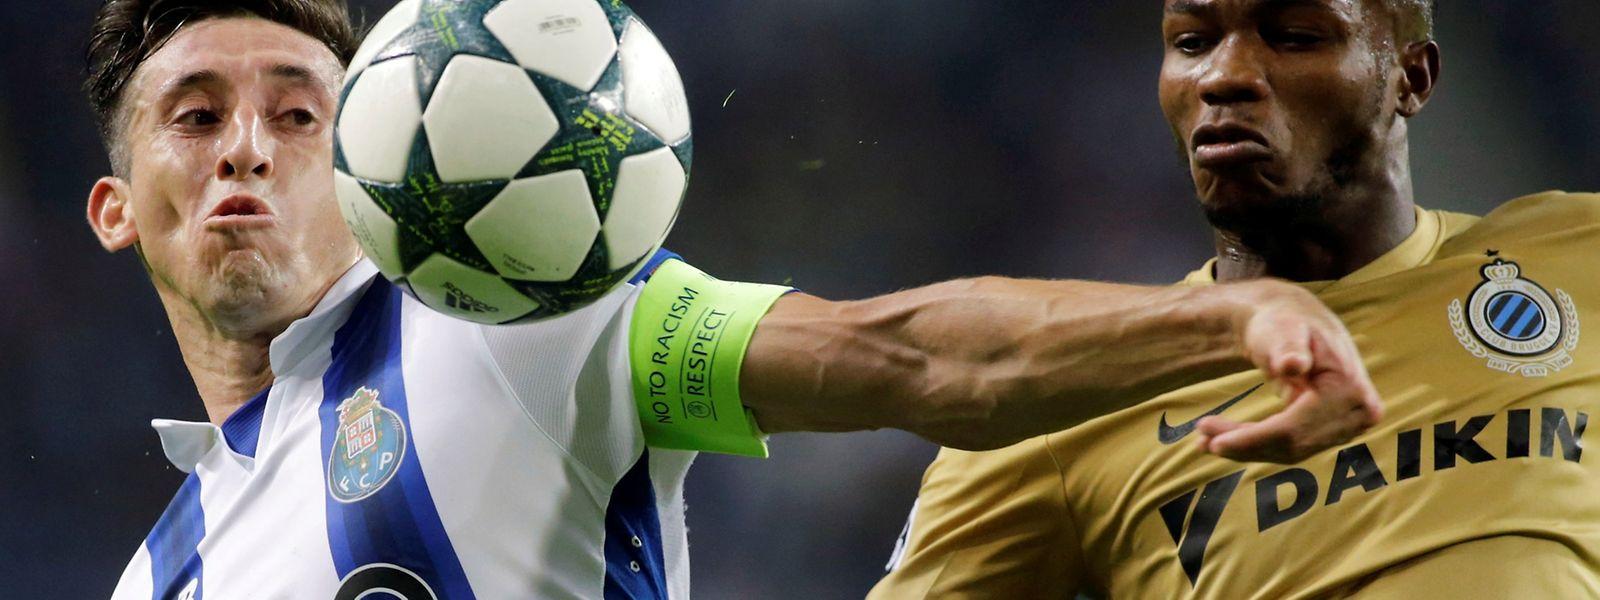 'Dragões' conseguiram três pontos importantes frente aos belgas do Brugge